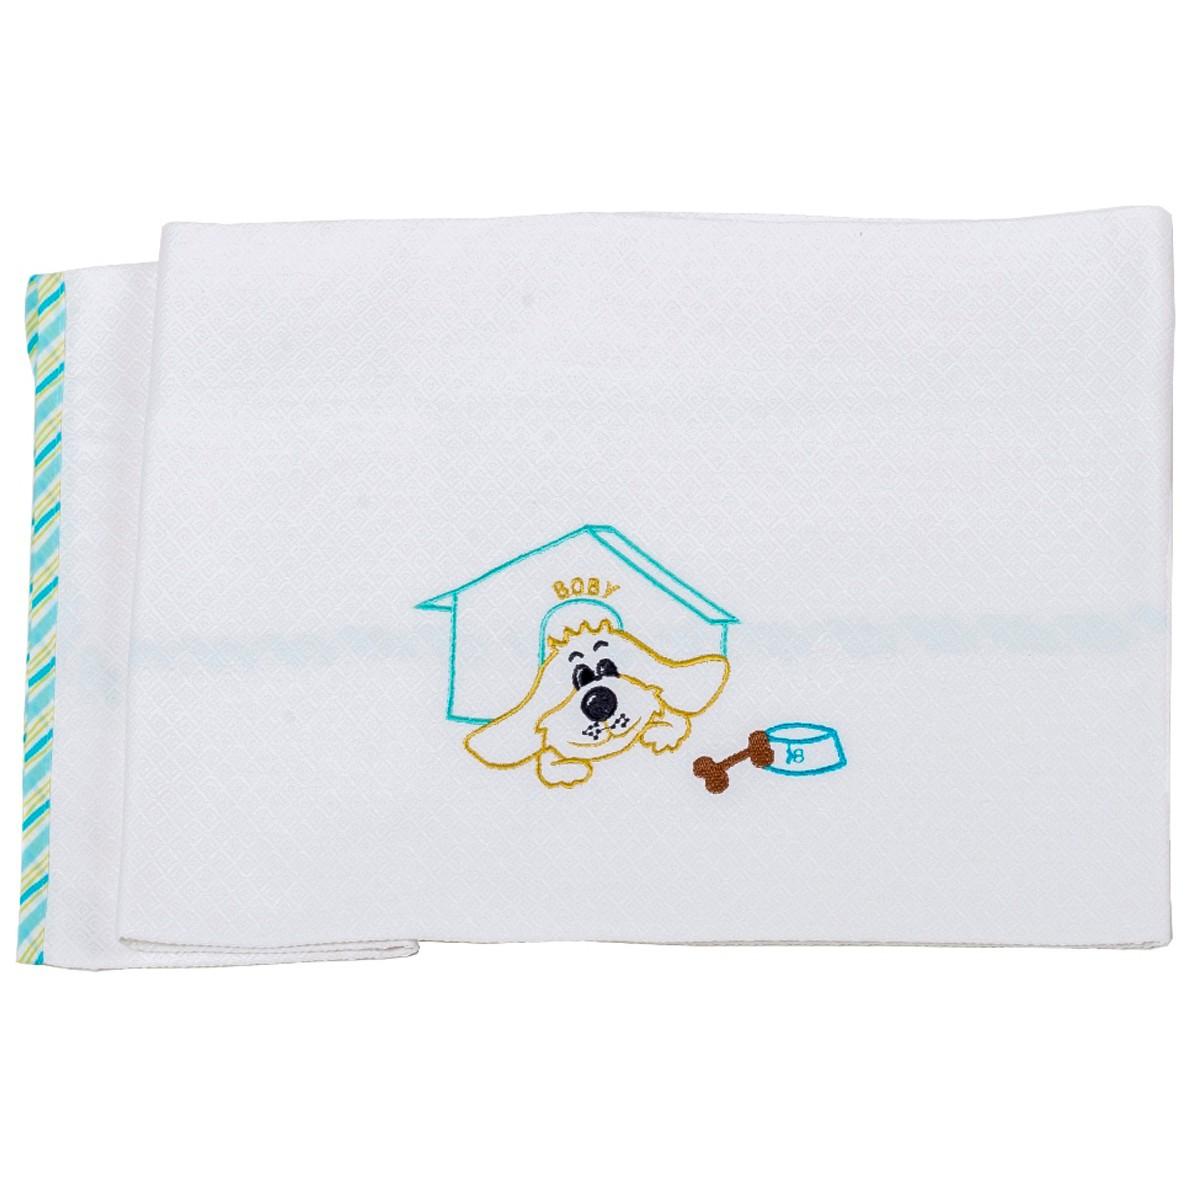 Κουβέρτα Πικέ Αγκαλιάς Κόσμος Του Μωρού Boby 0302 Τυρκουάζ